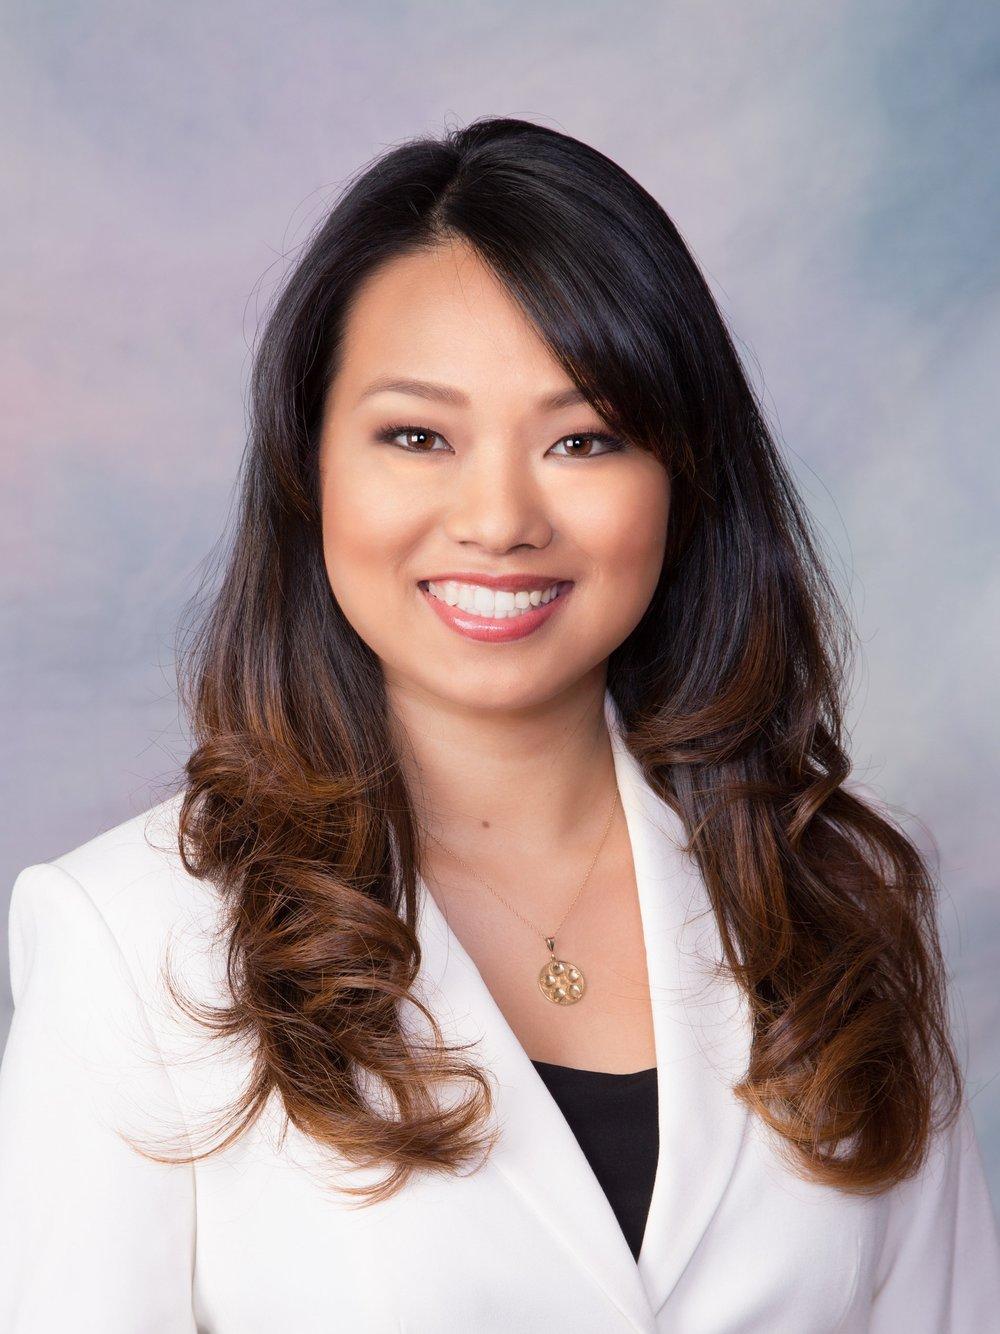 Carly Ishihara